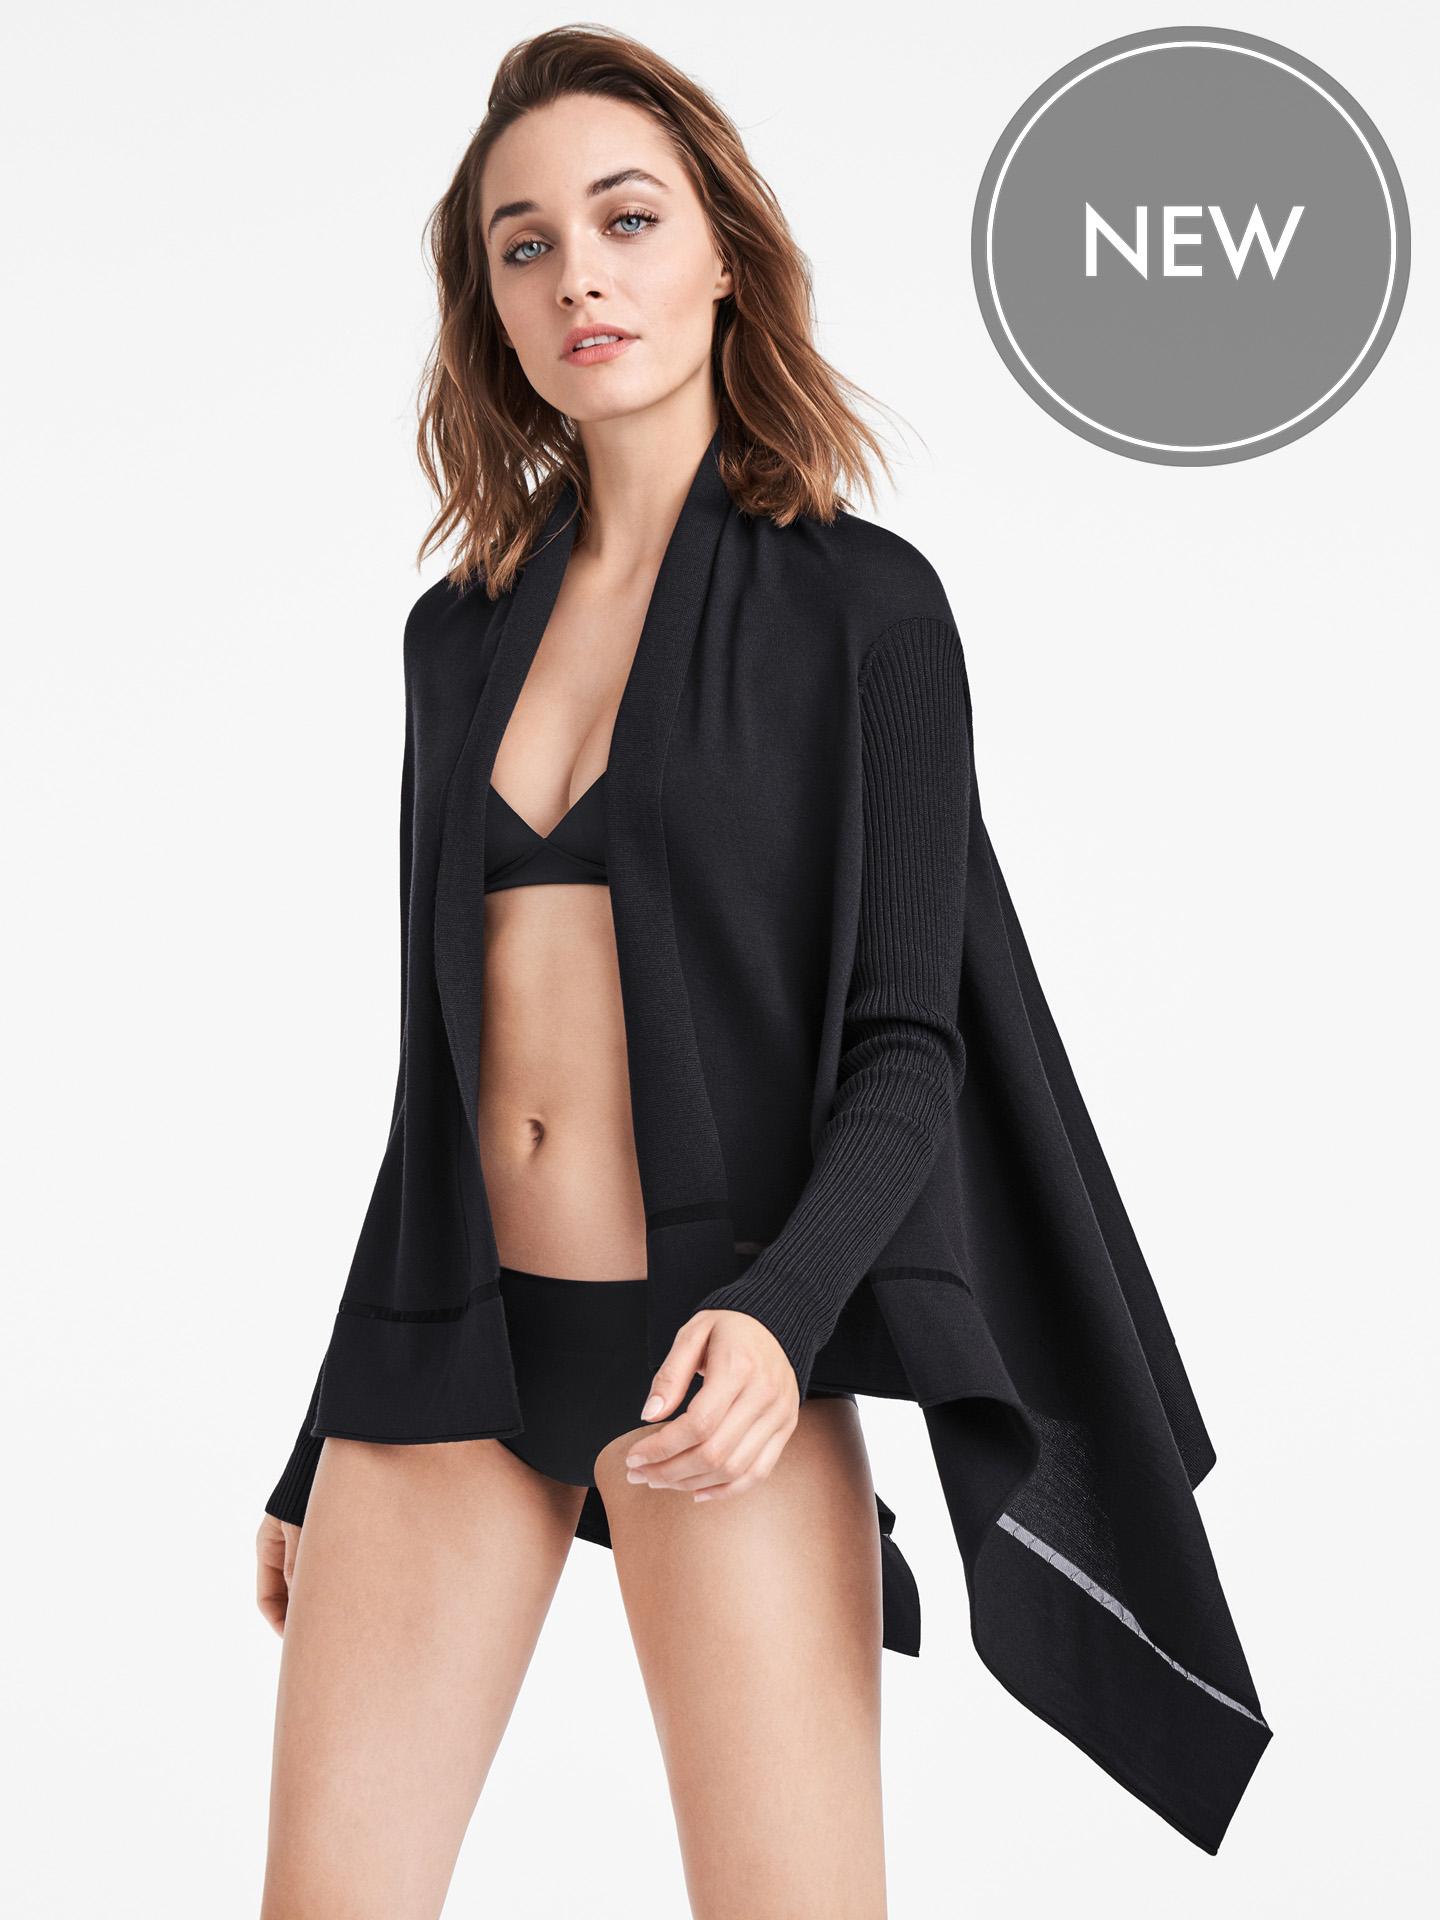 Jacken für Frauen - Mantella Cardigan 7005 M  - Onlineshop Wolford